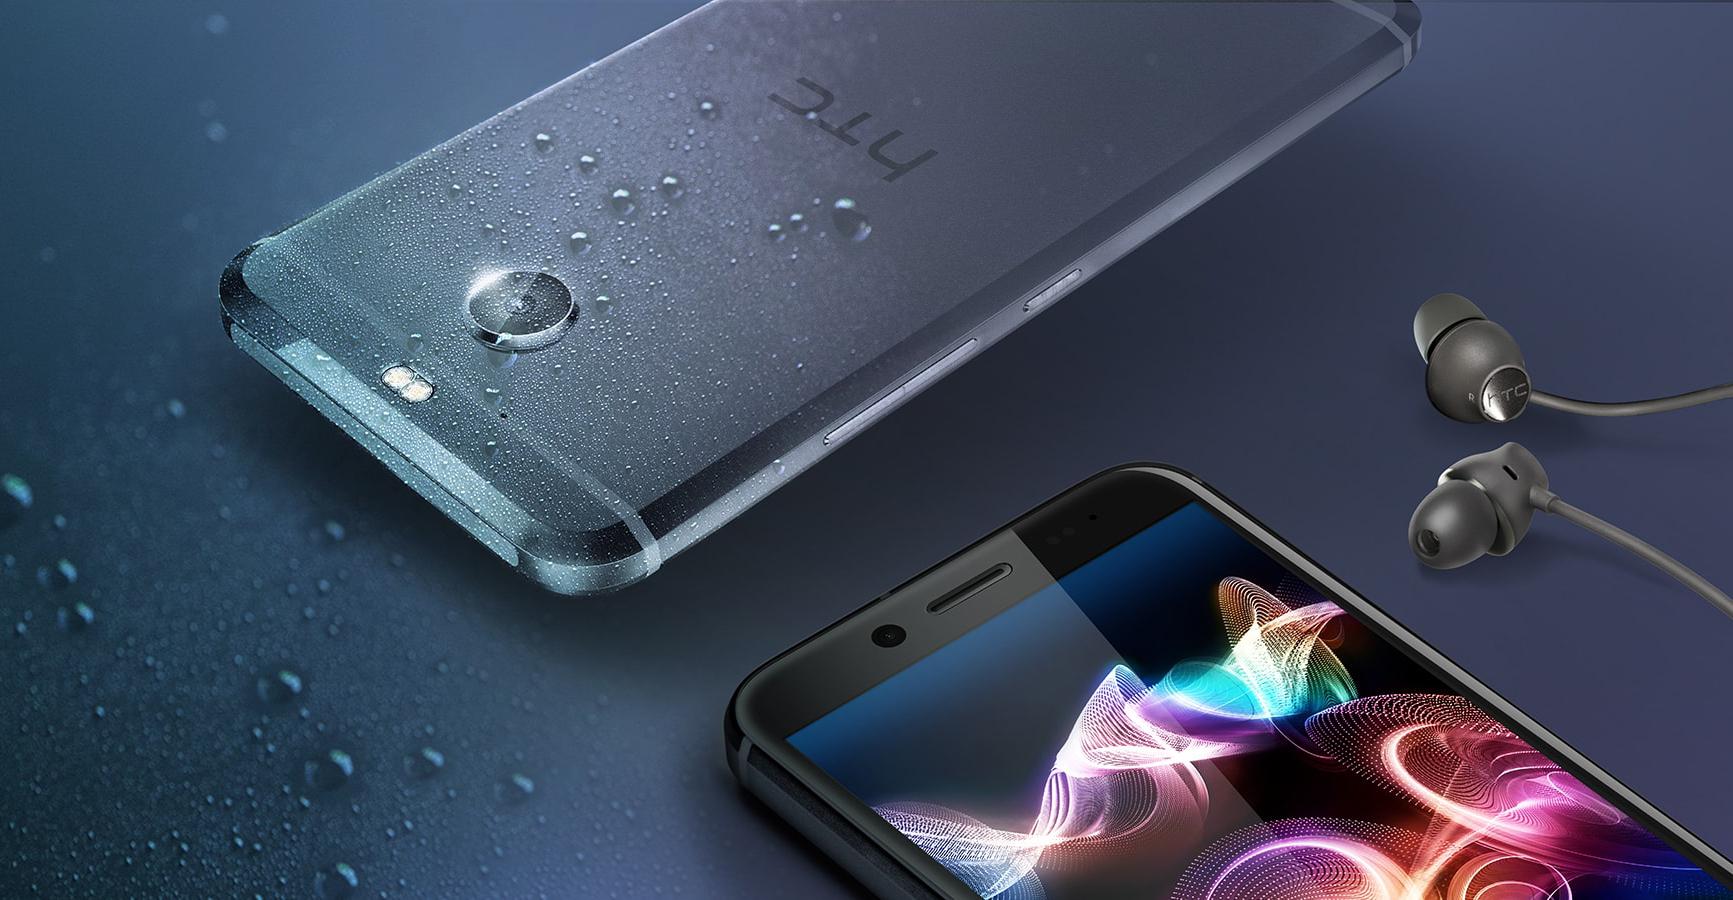 HTC 10 evo: Wasser- und staubgeschütztes Android-Phablet